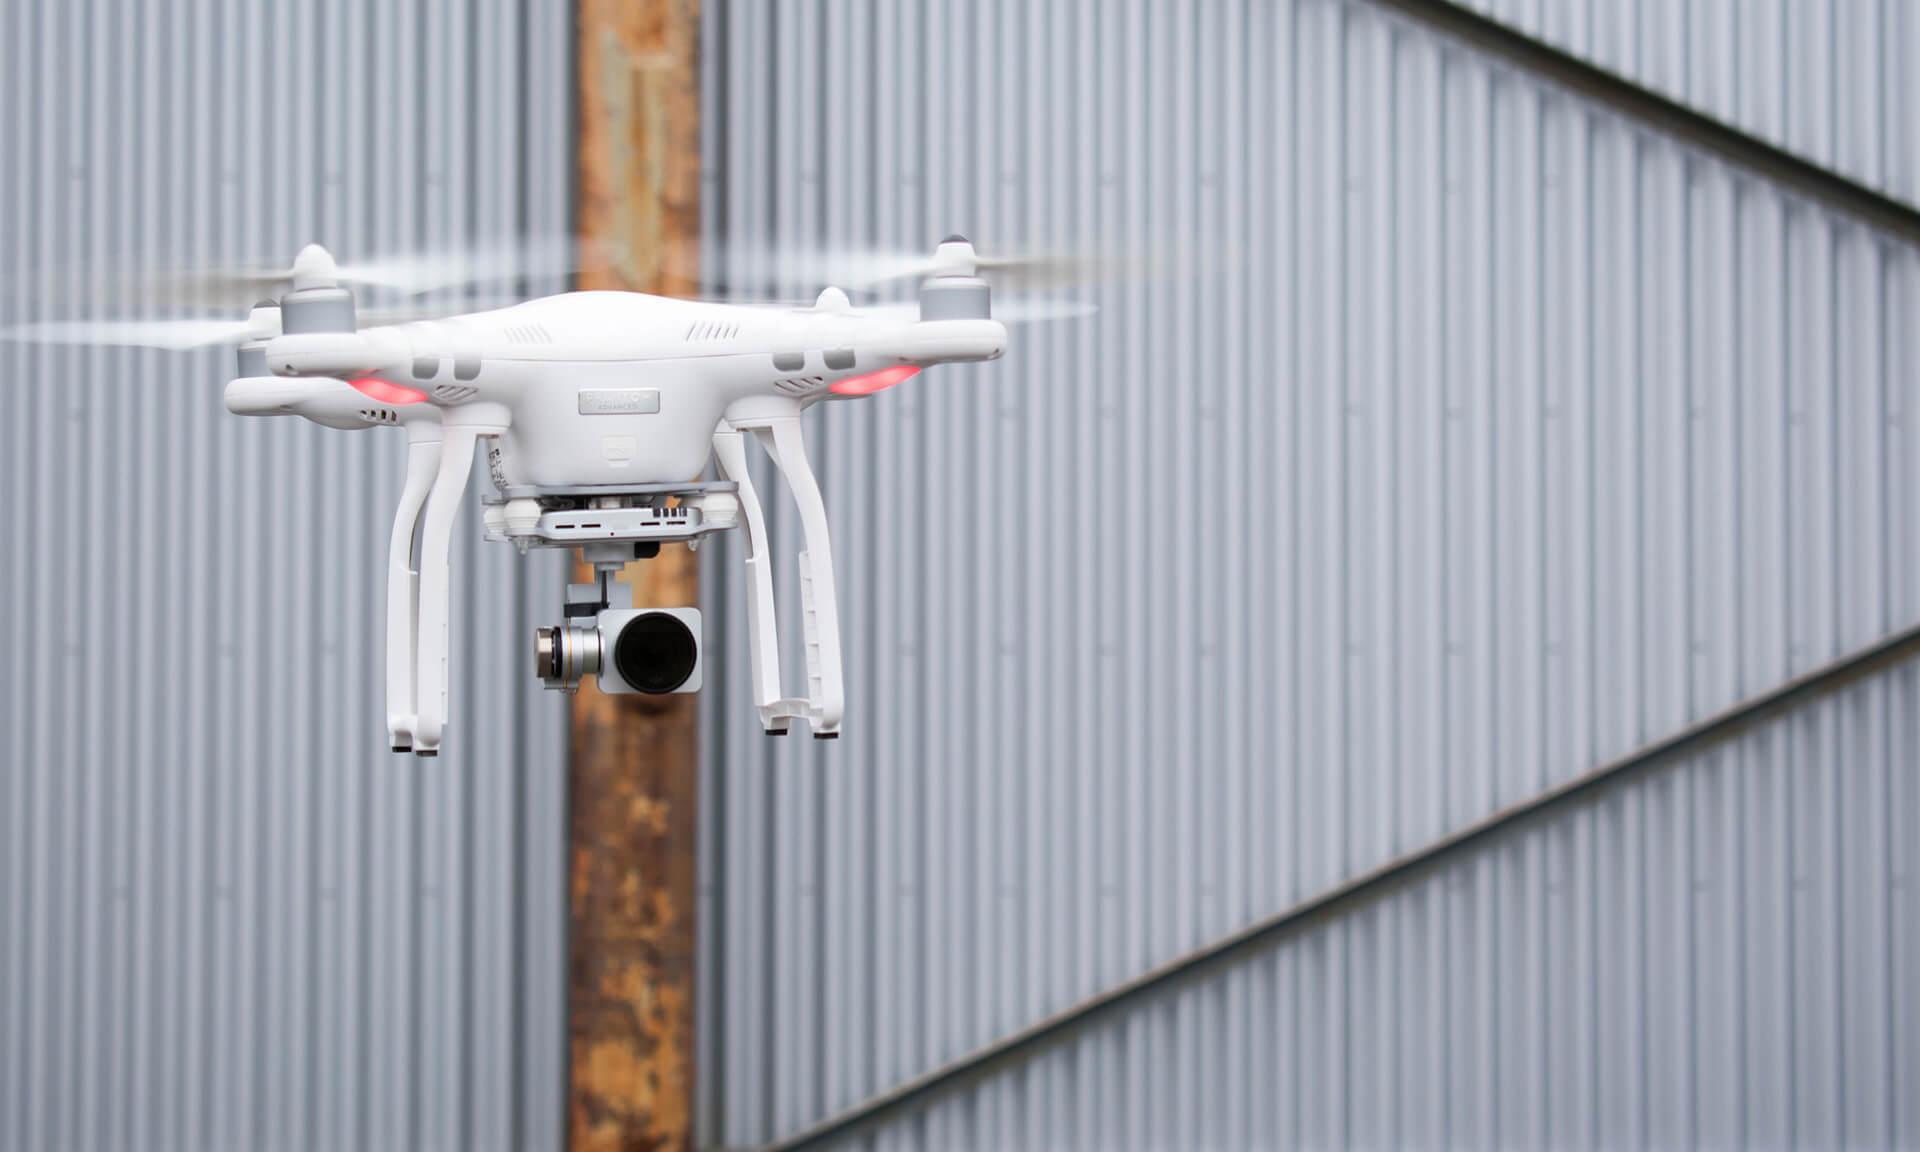 prison guards drone broom